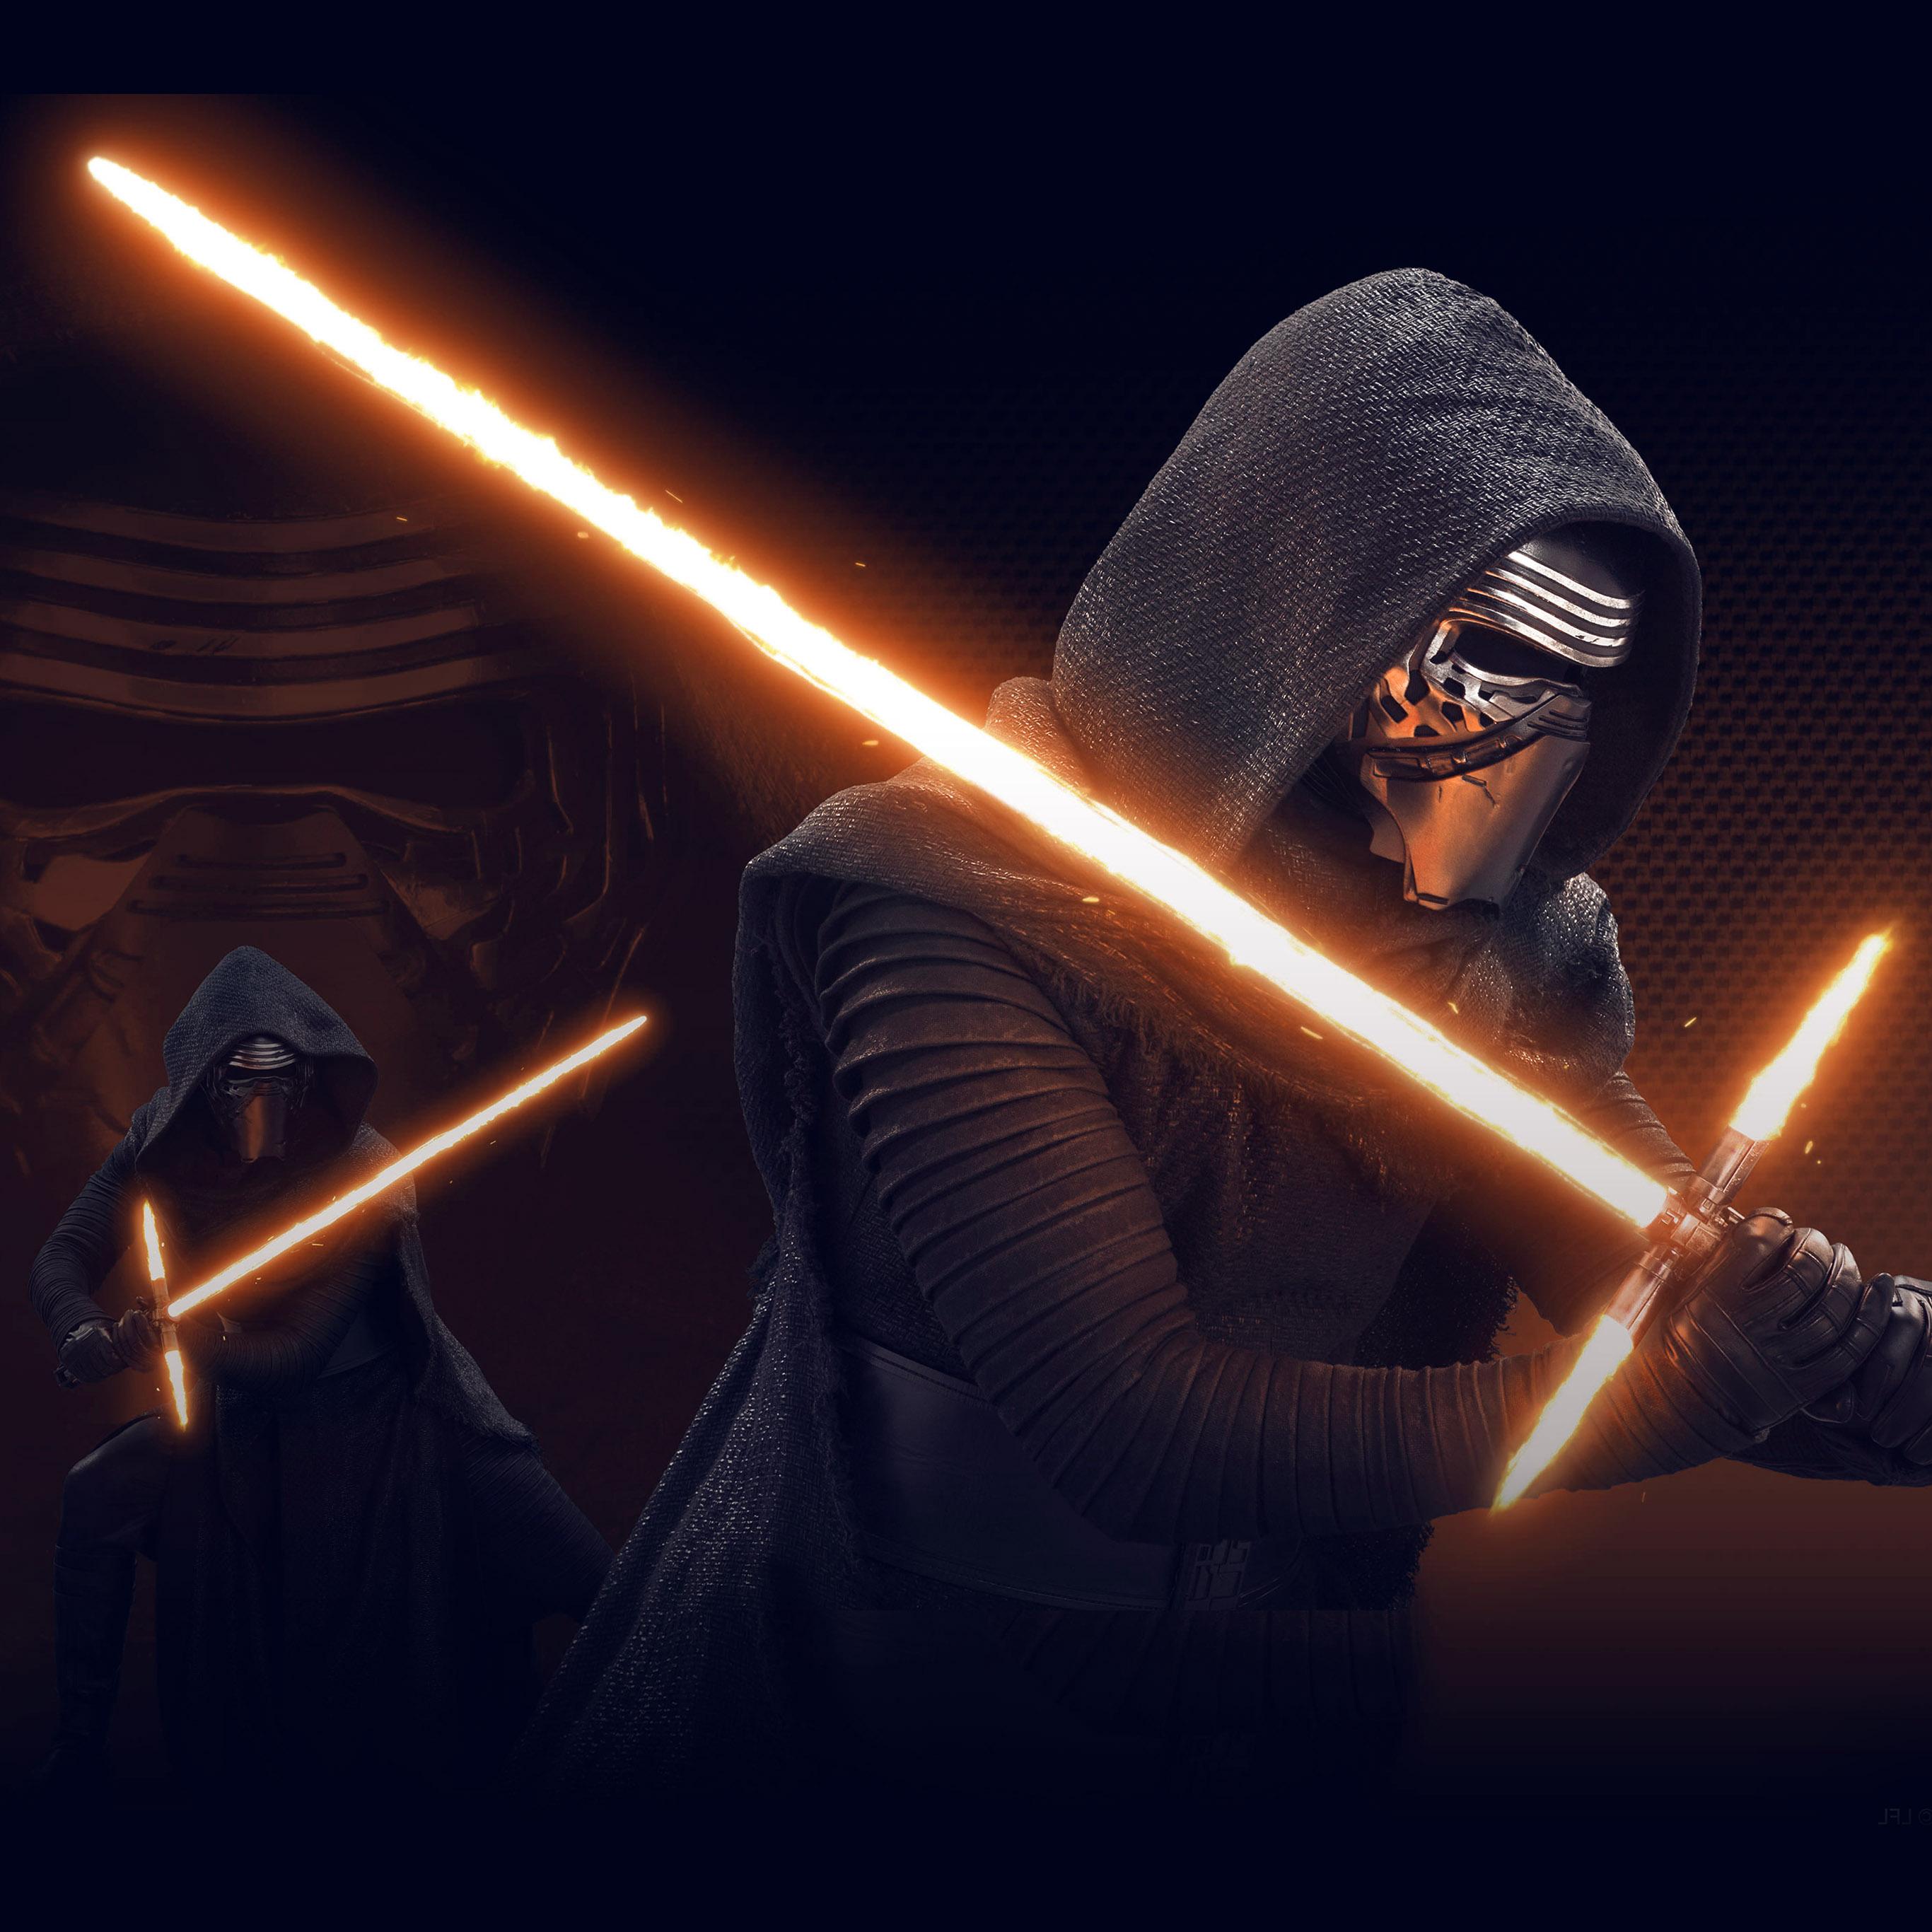 At11 starwars kylo ren dark orange lightsaber art - Dark orange wallpaper ...